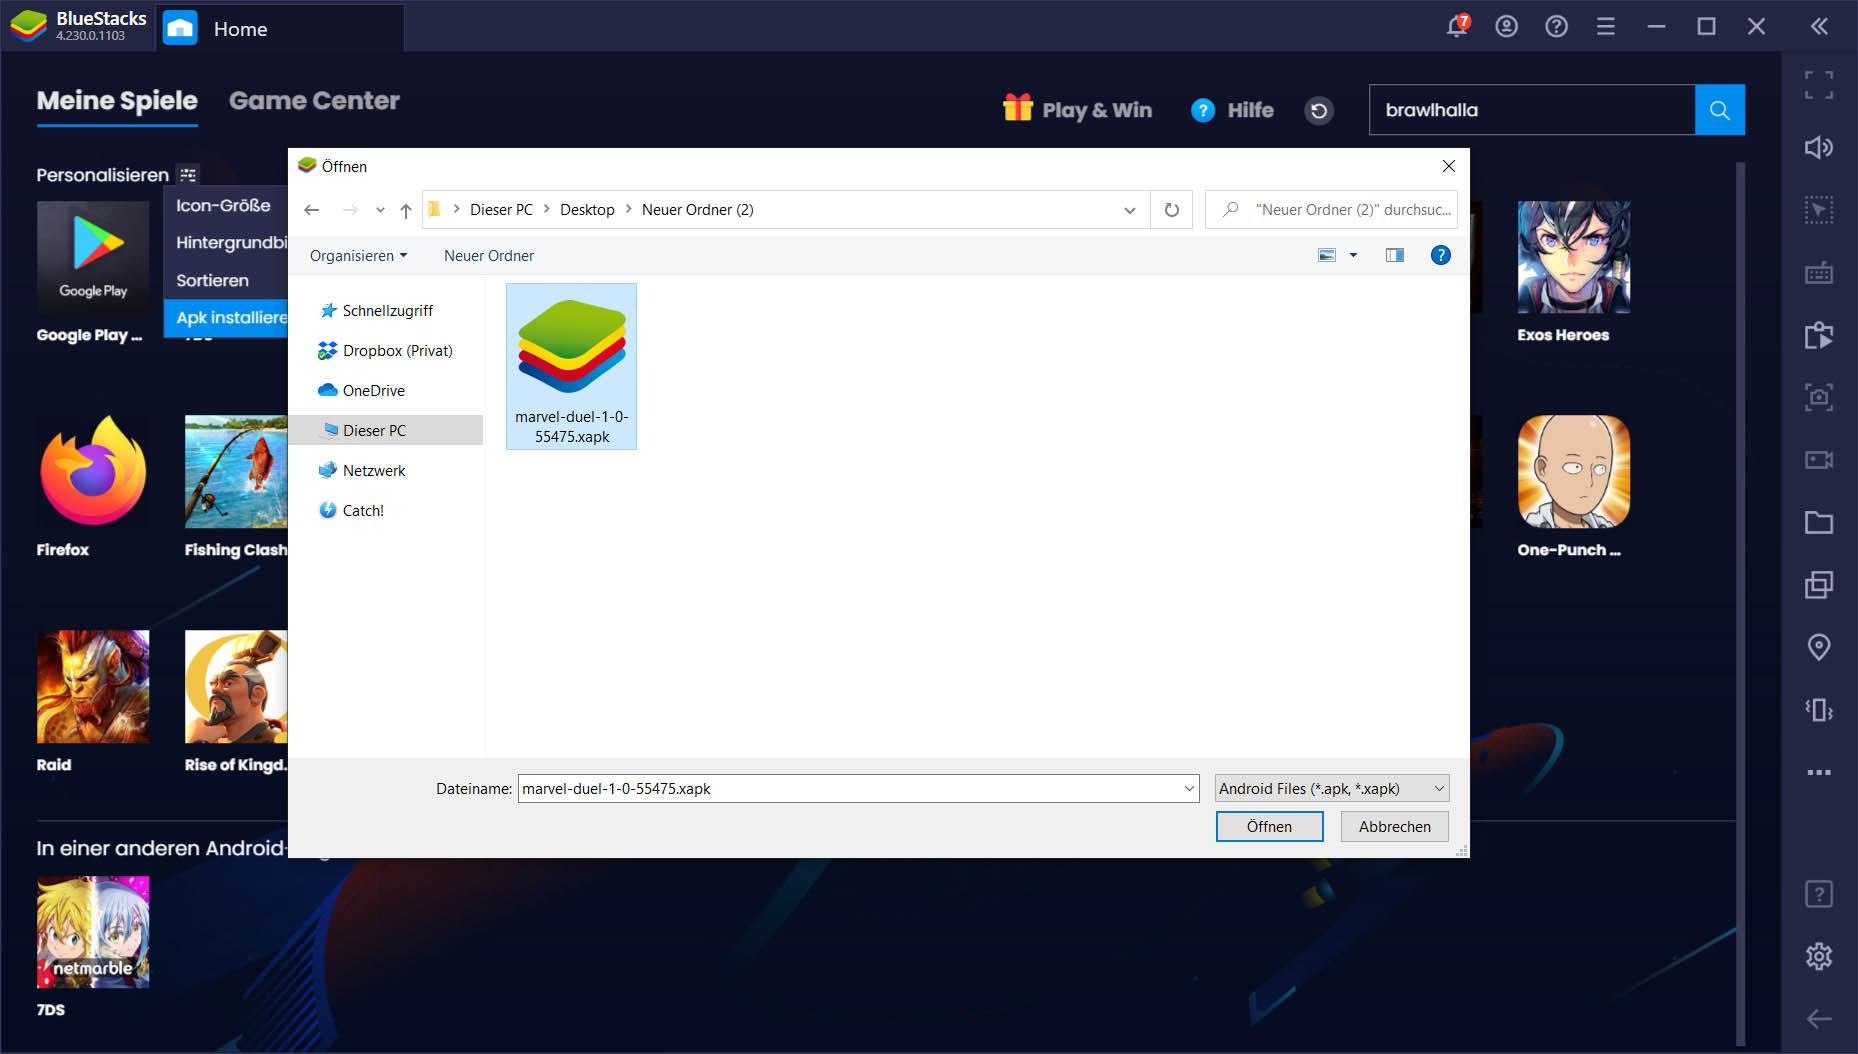 Marvel Duel auf dem PC – So installierst du das neueste CCG von Netease